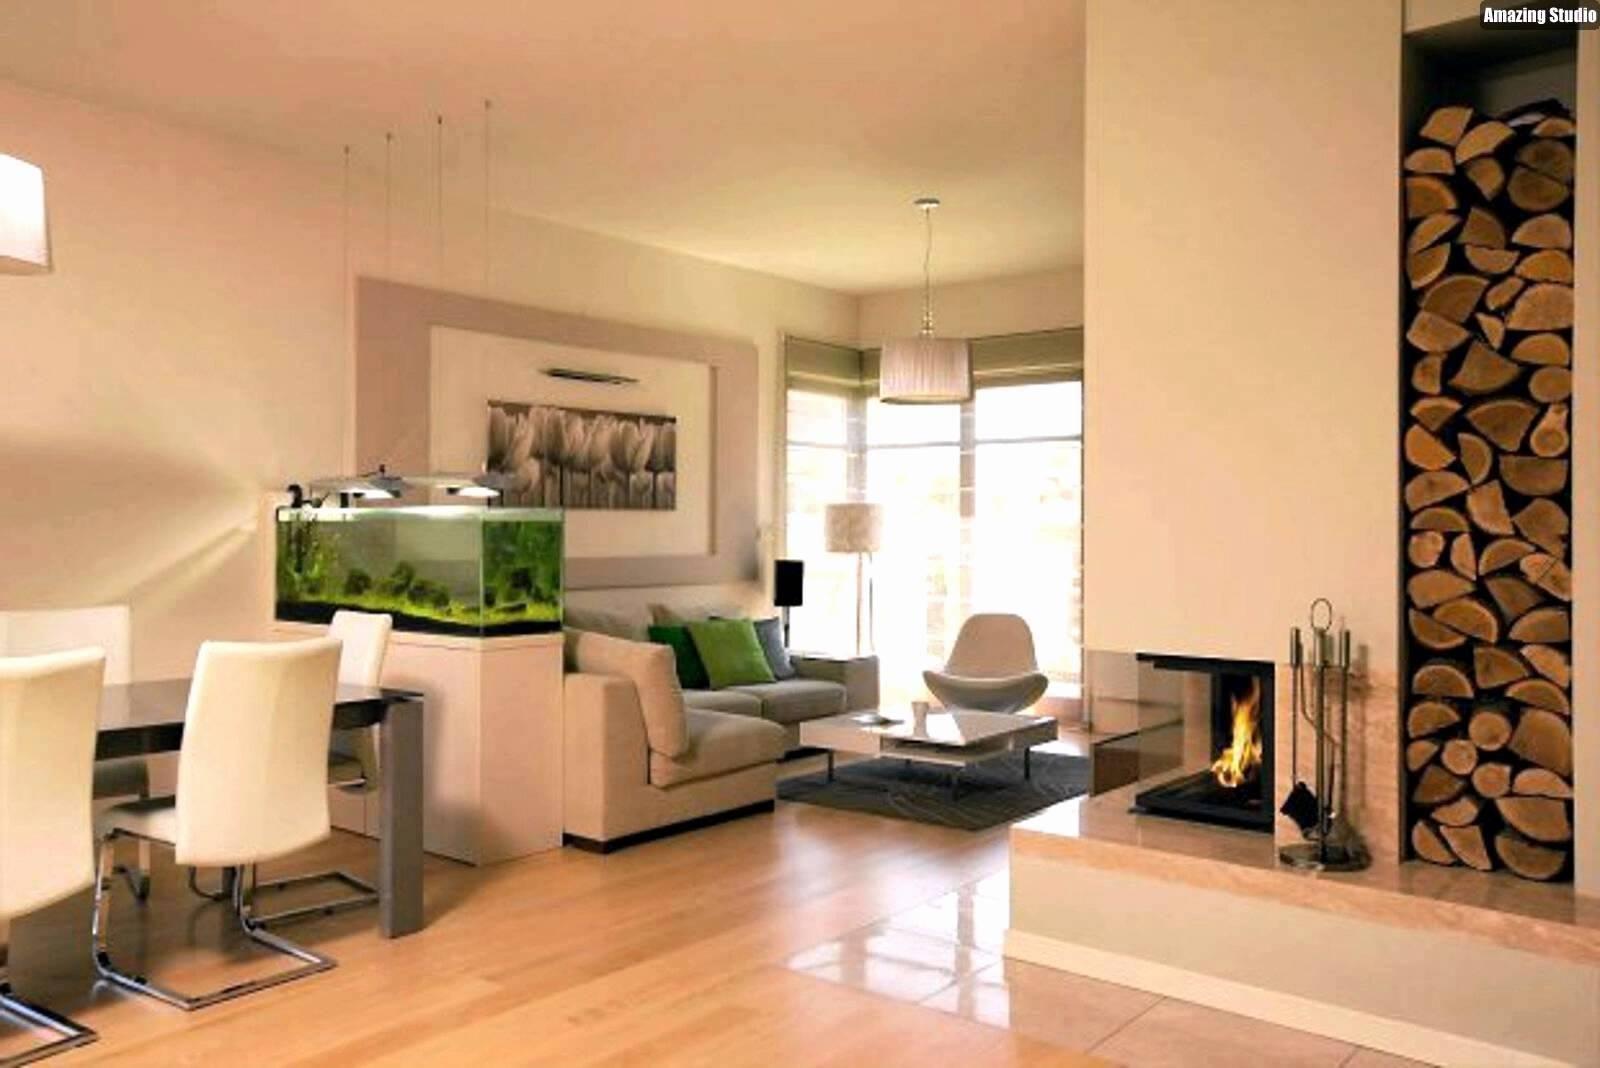 5 Raumteiler Ideen Wohnzimmer Schlafzimmer in 5  Raumteiler